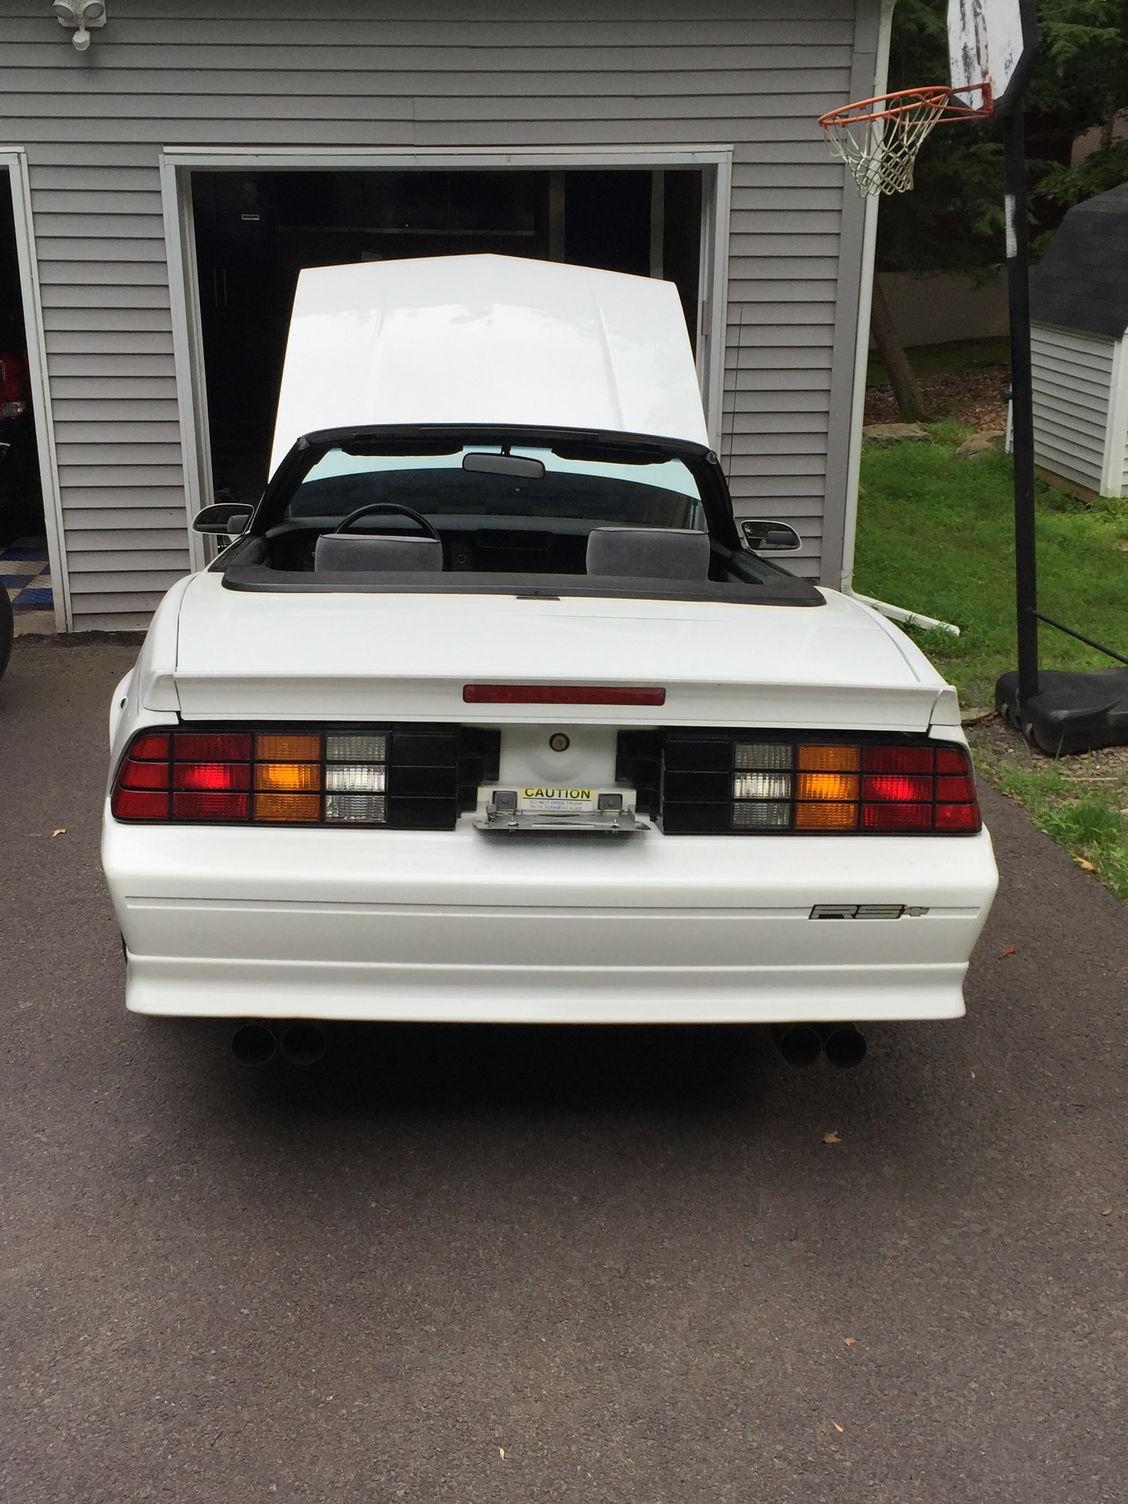 Pennsylvania 1991 Camaro Convertiable 33 000 Original